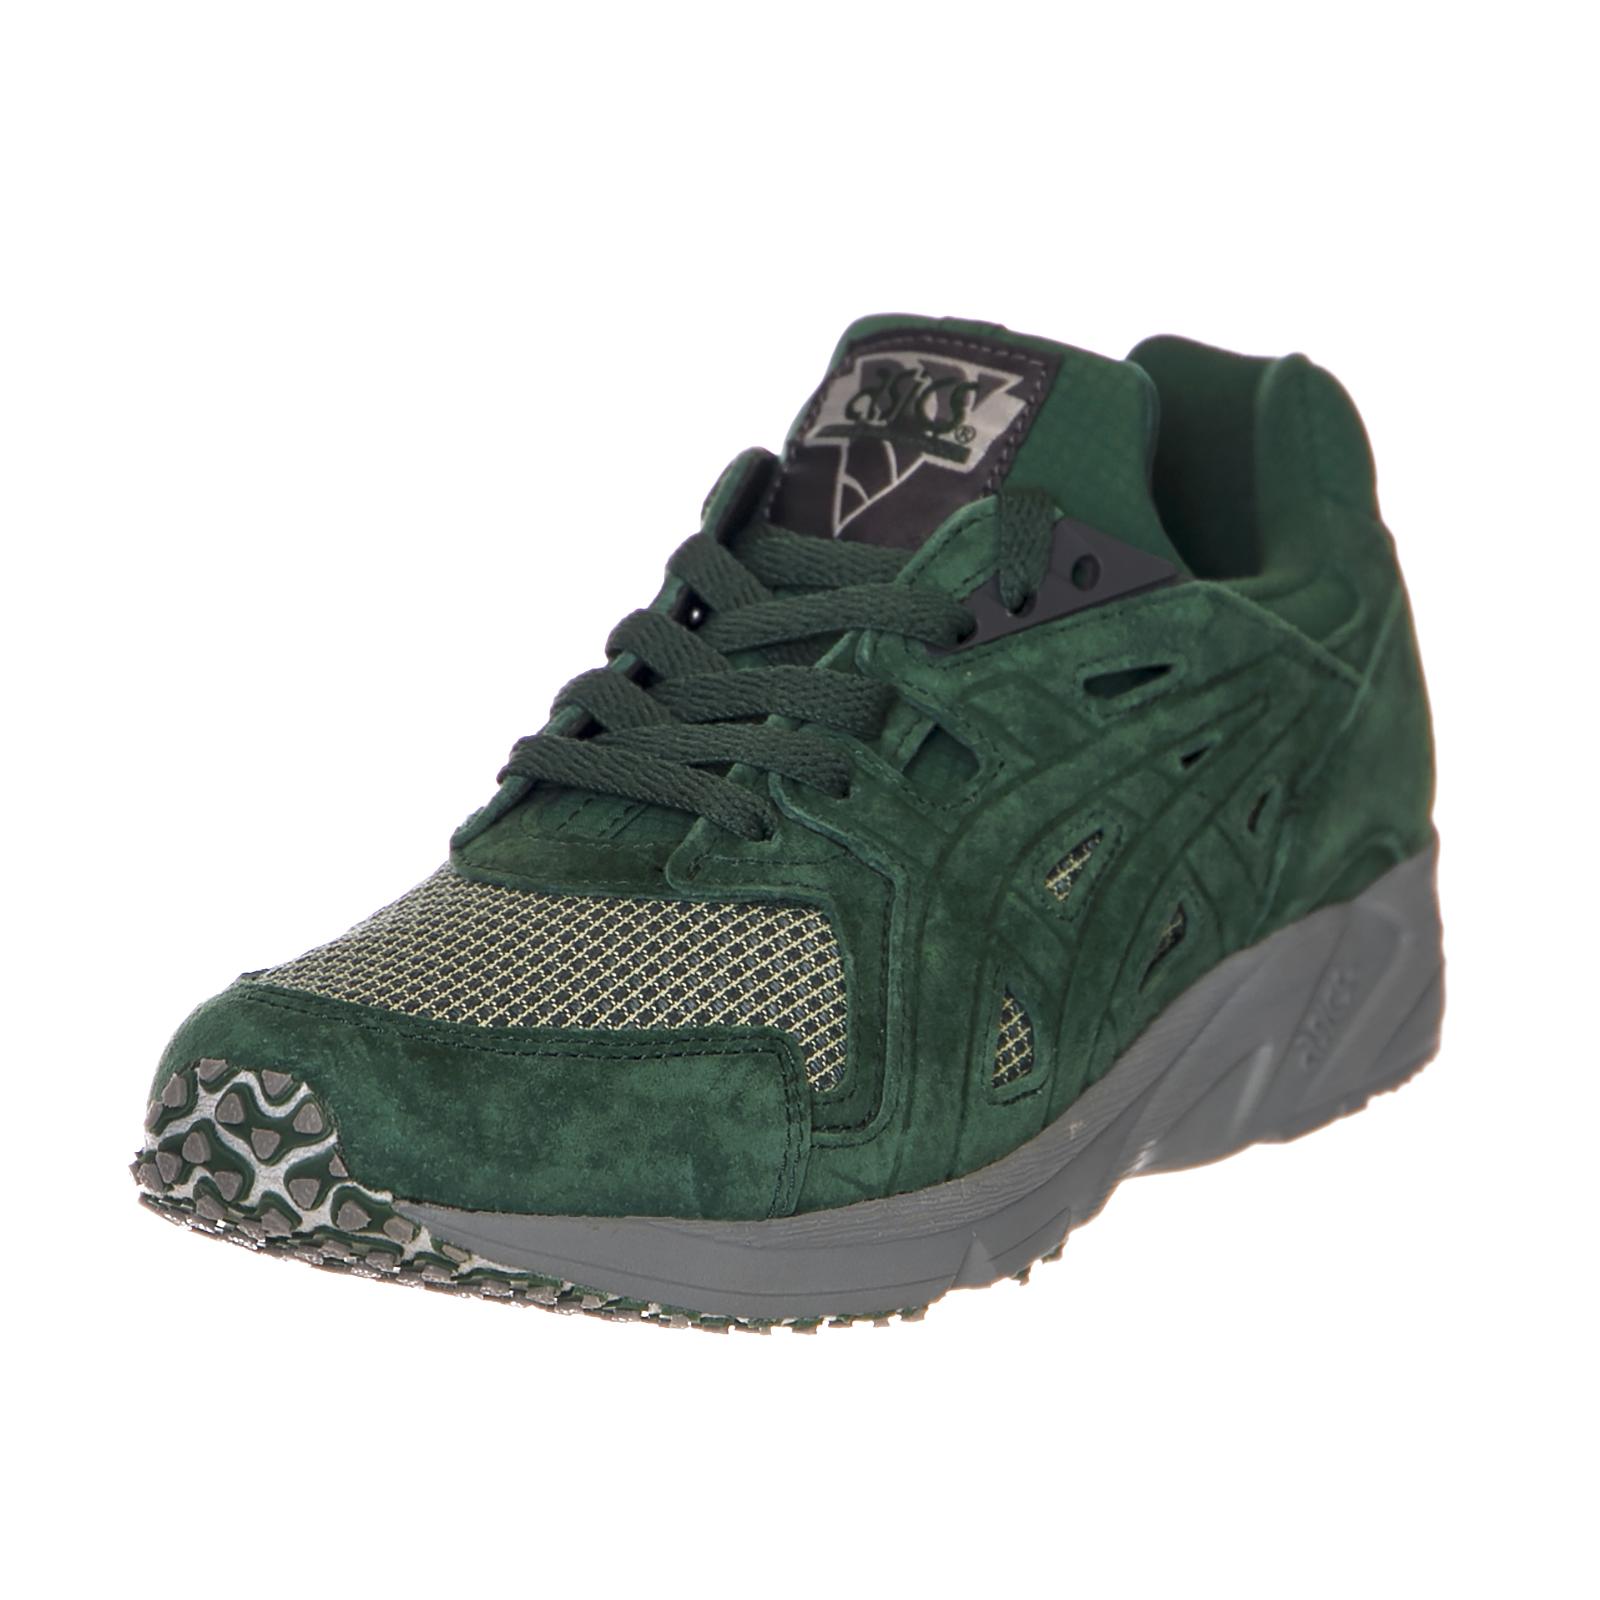 Asics Sneakers Gel-Ds Trainer Og Hunter Green Hunter Green green